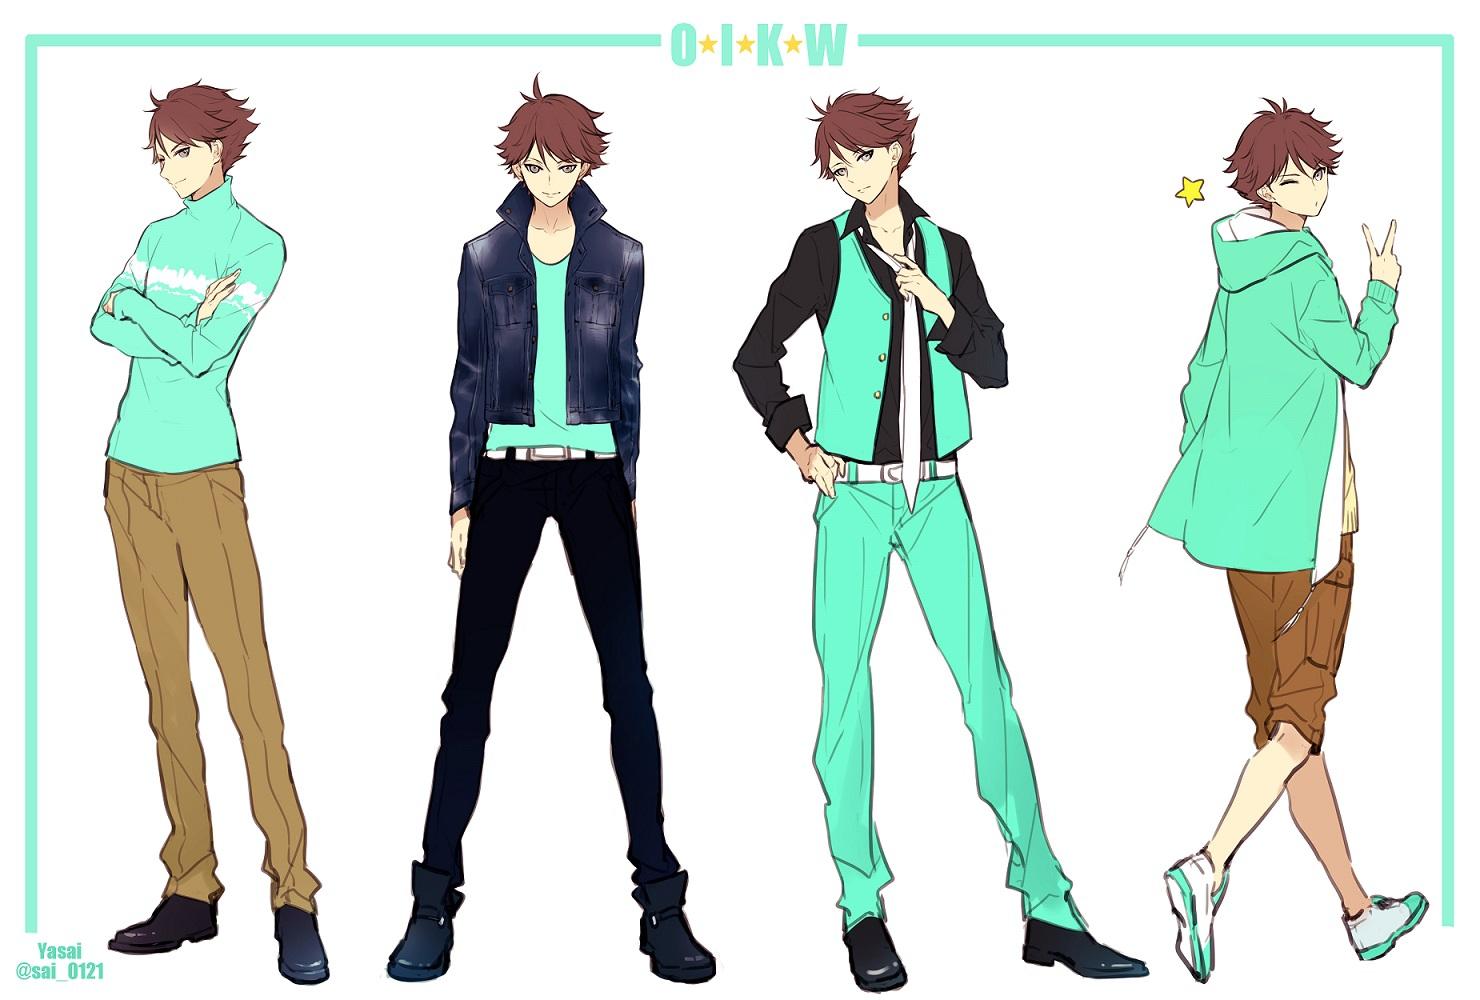 Anime Characters Jumpsuit : Oikawa tooru haikyuu zerochan anime image board